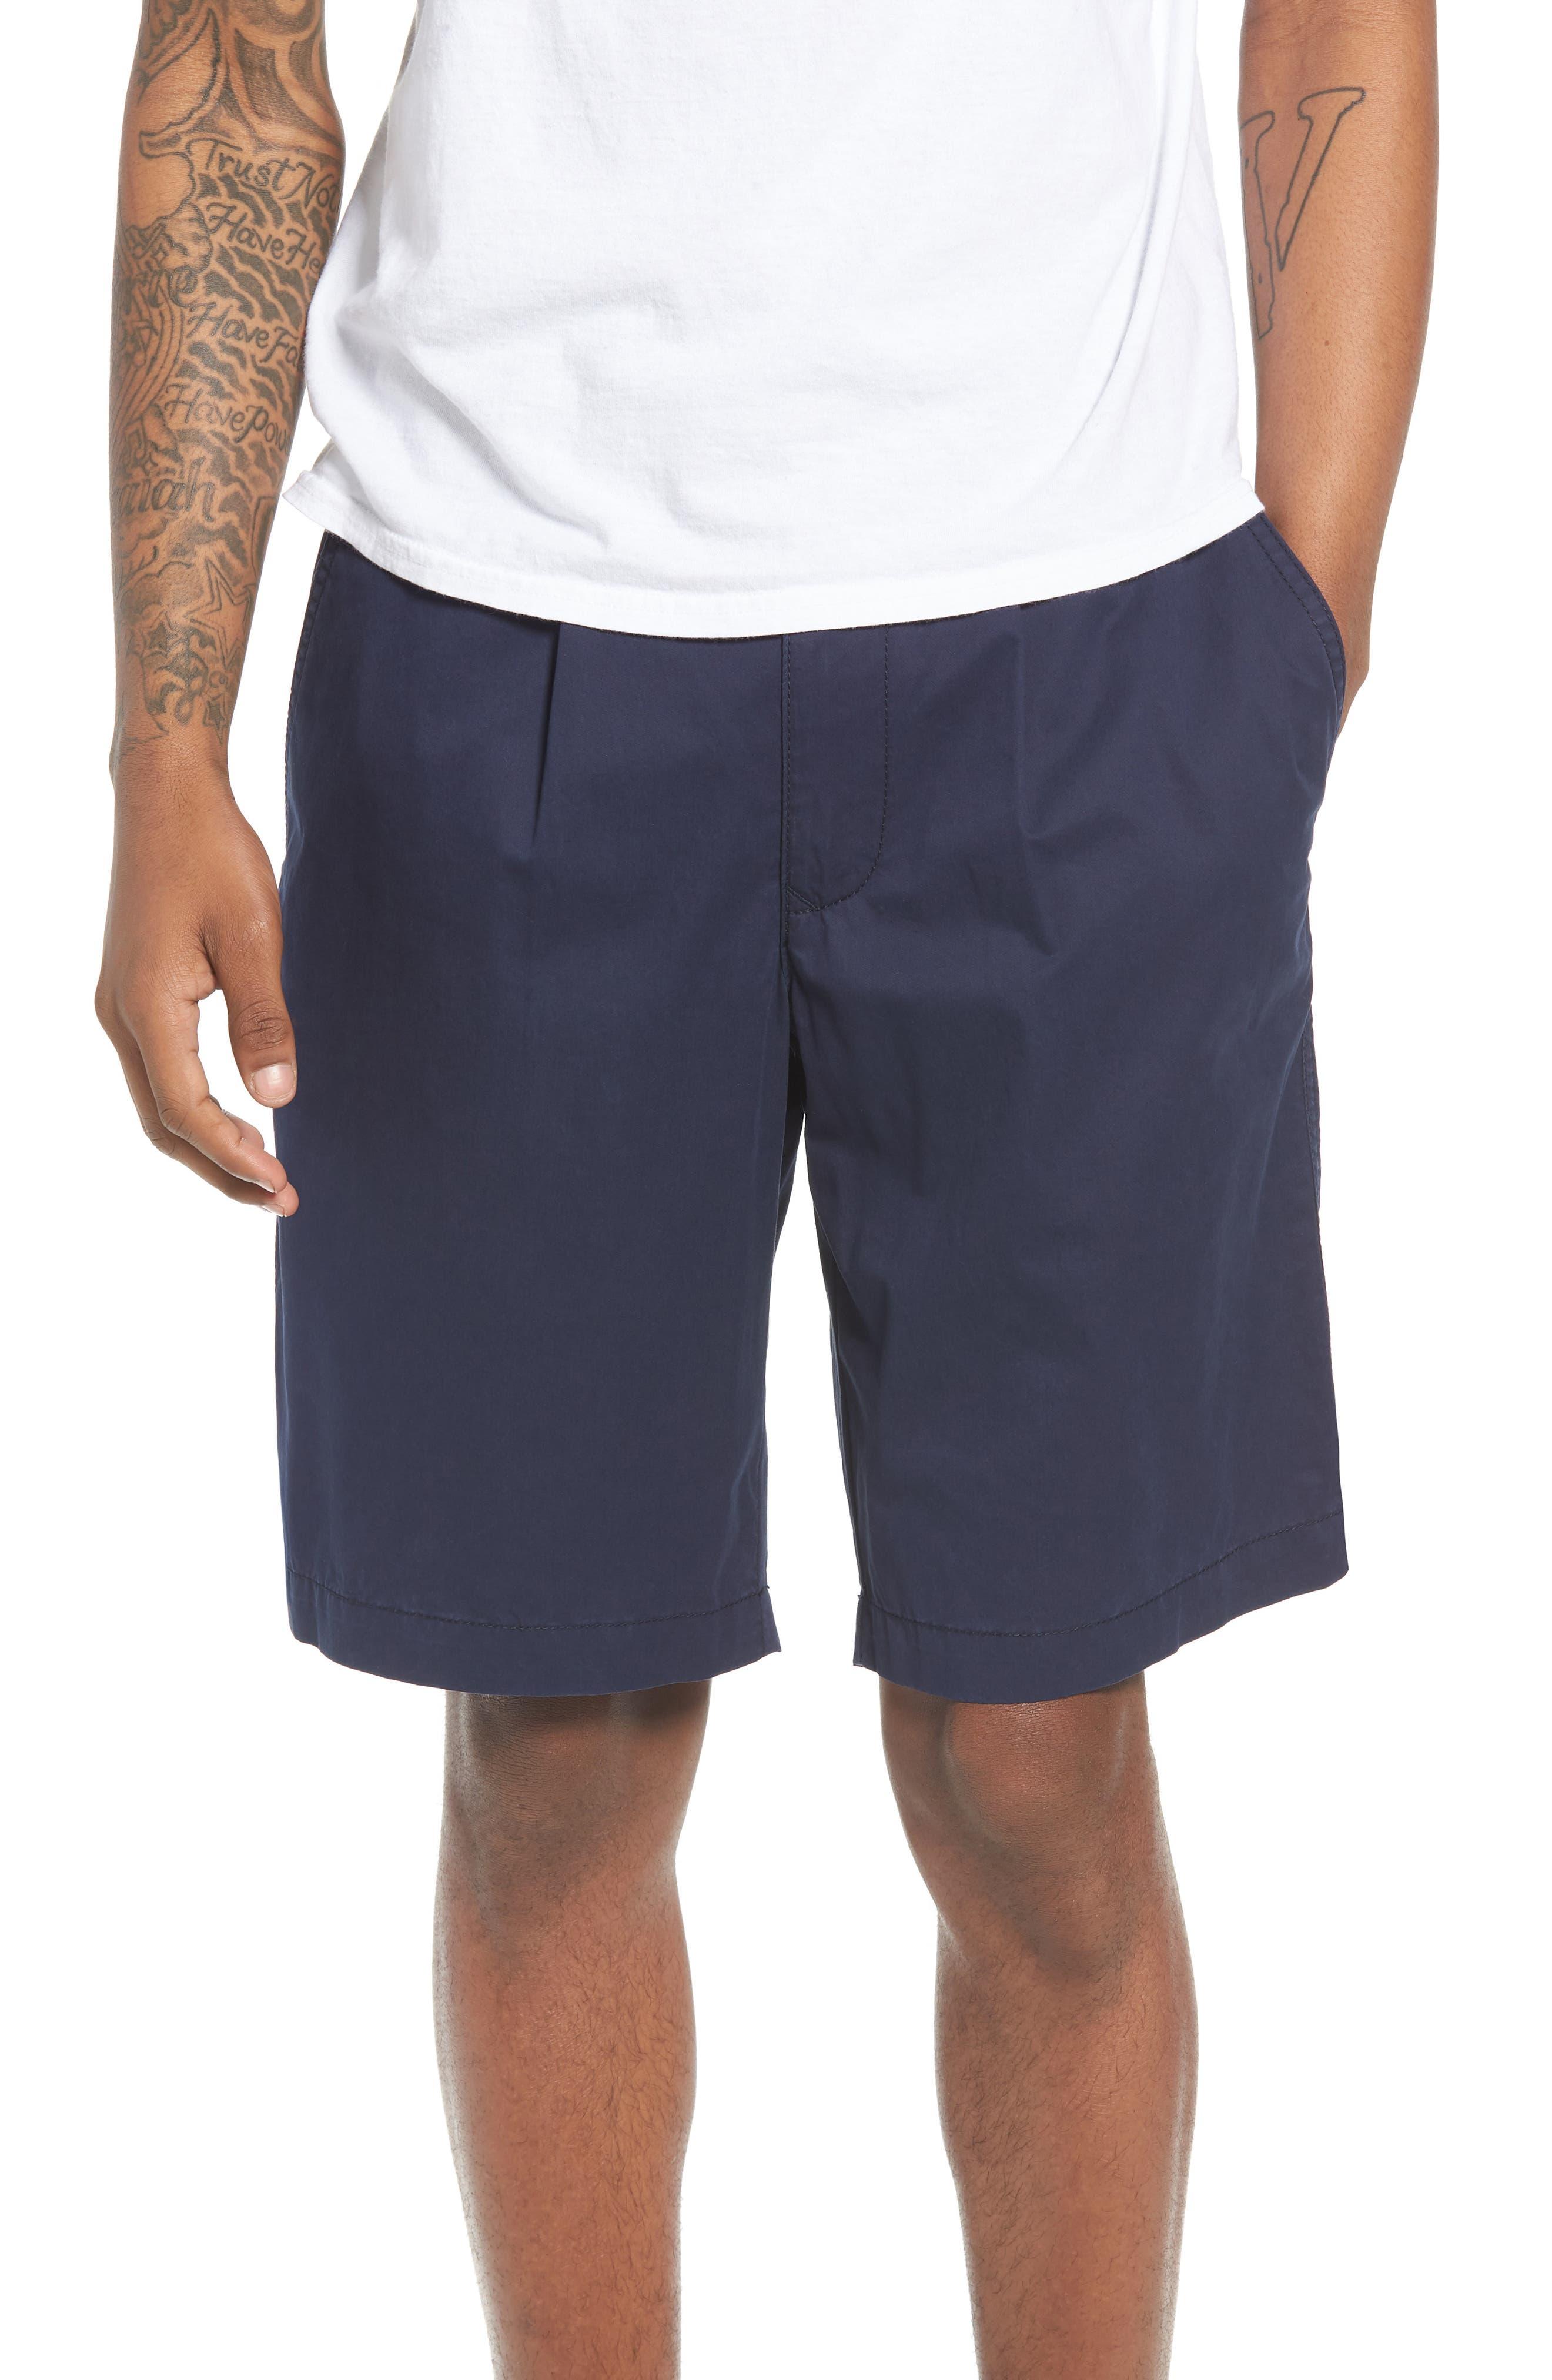 Pleated Chino Shorts,                             Main thumbnail 1, color,                             Navy Peacoat